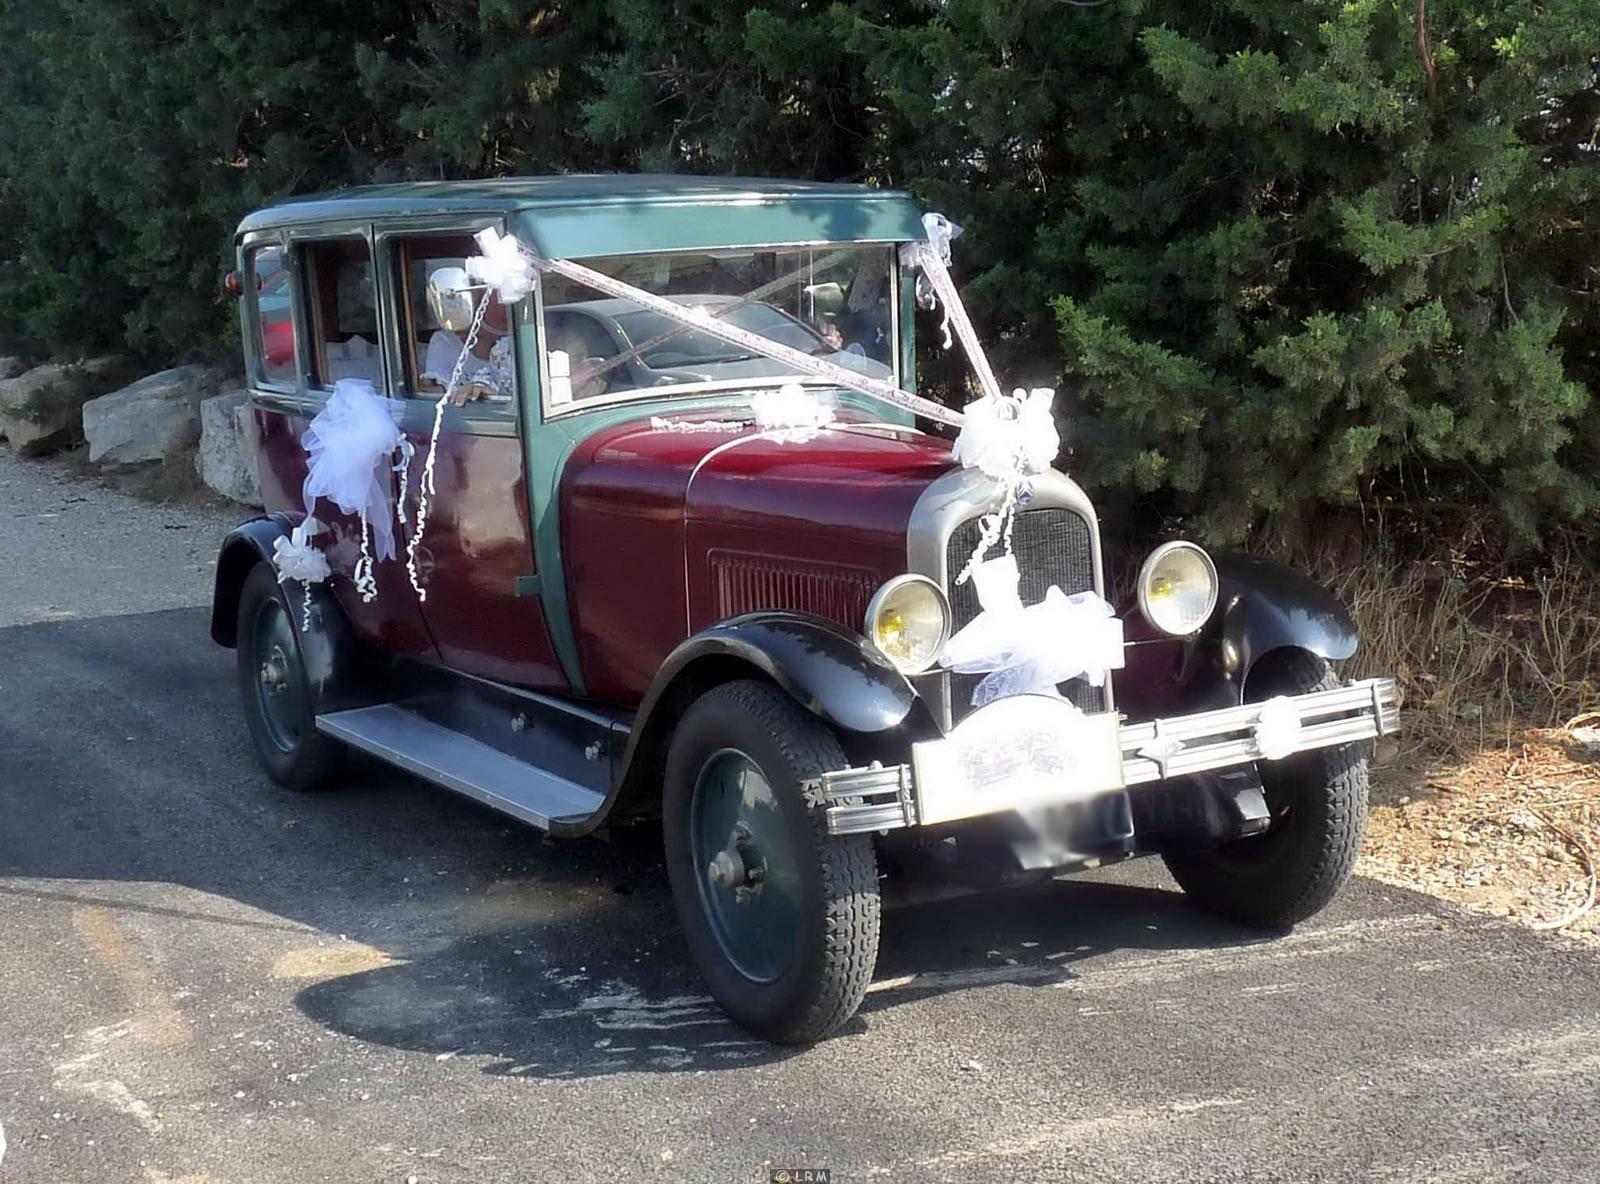 Decoration Voiture Mariage Vintage : Voiture ancienne pour mariage u car